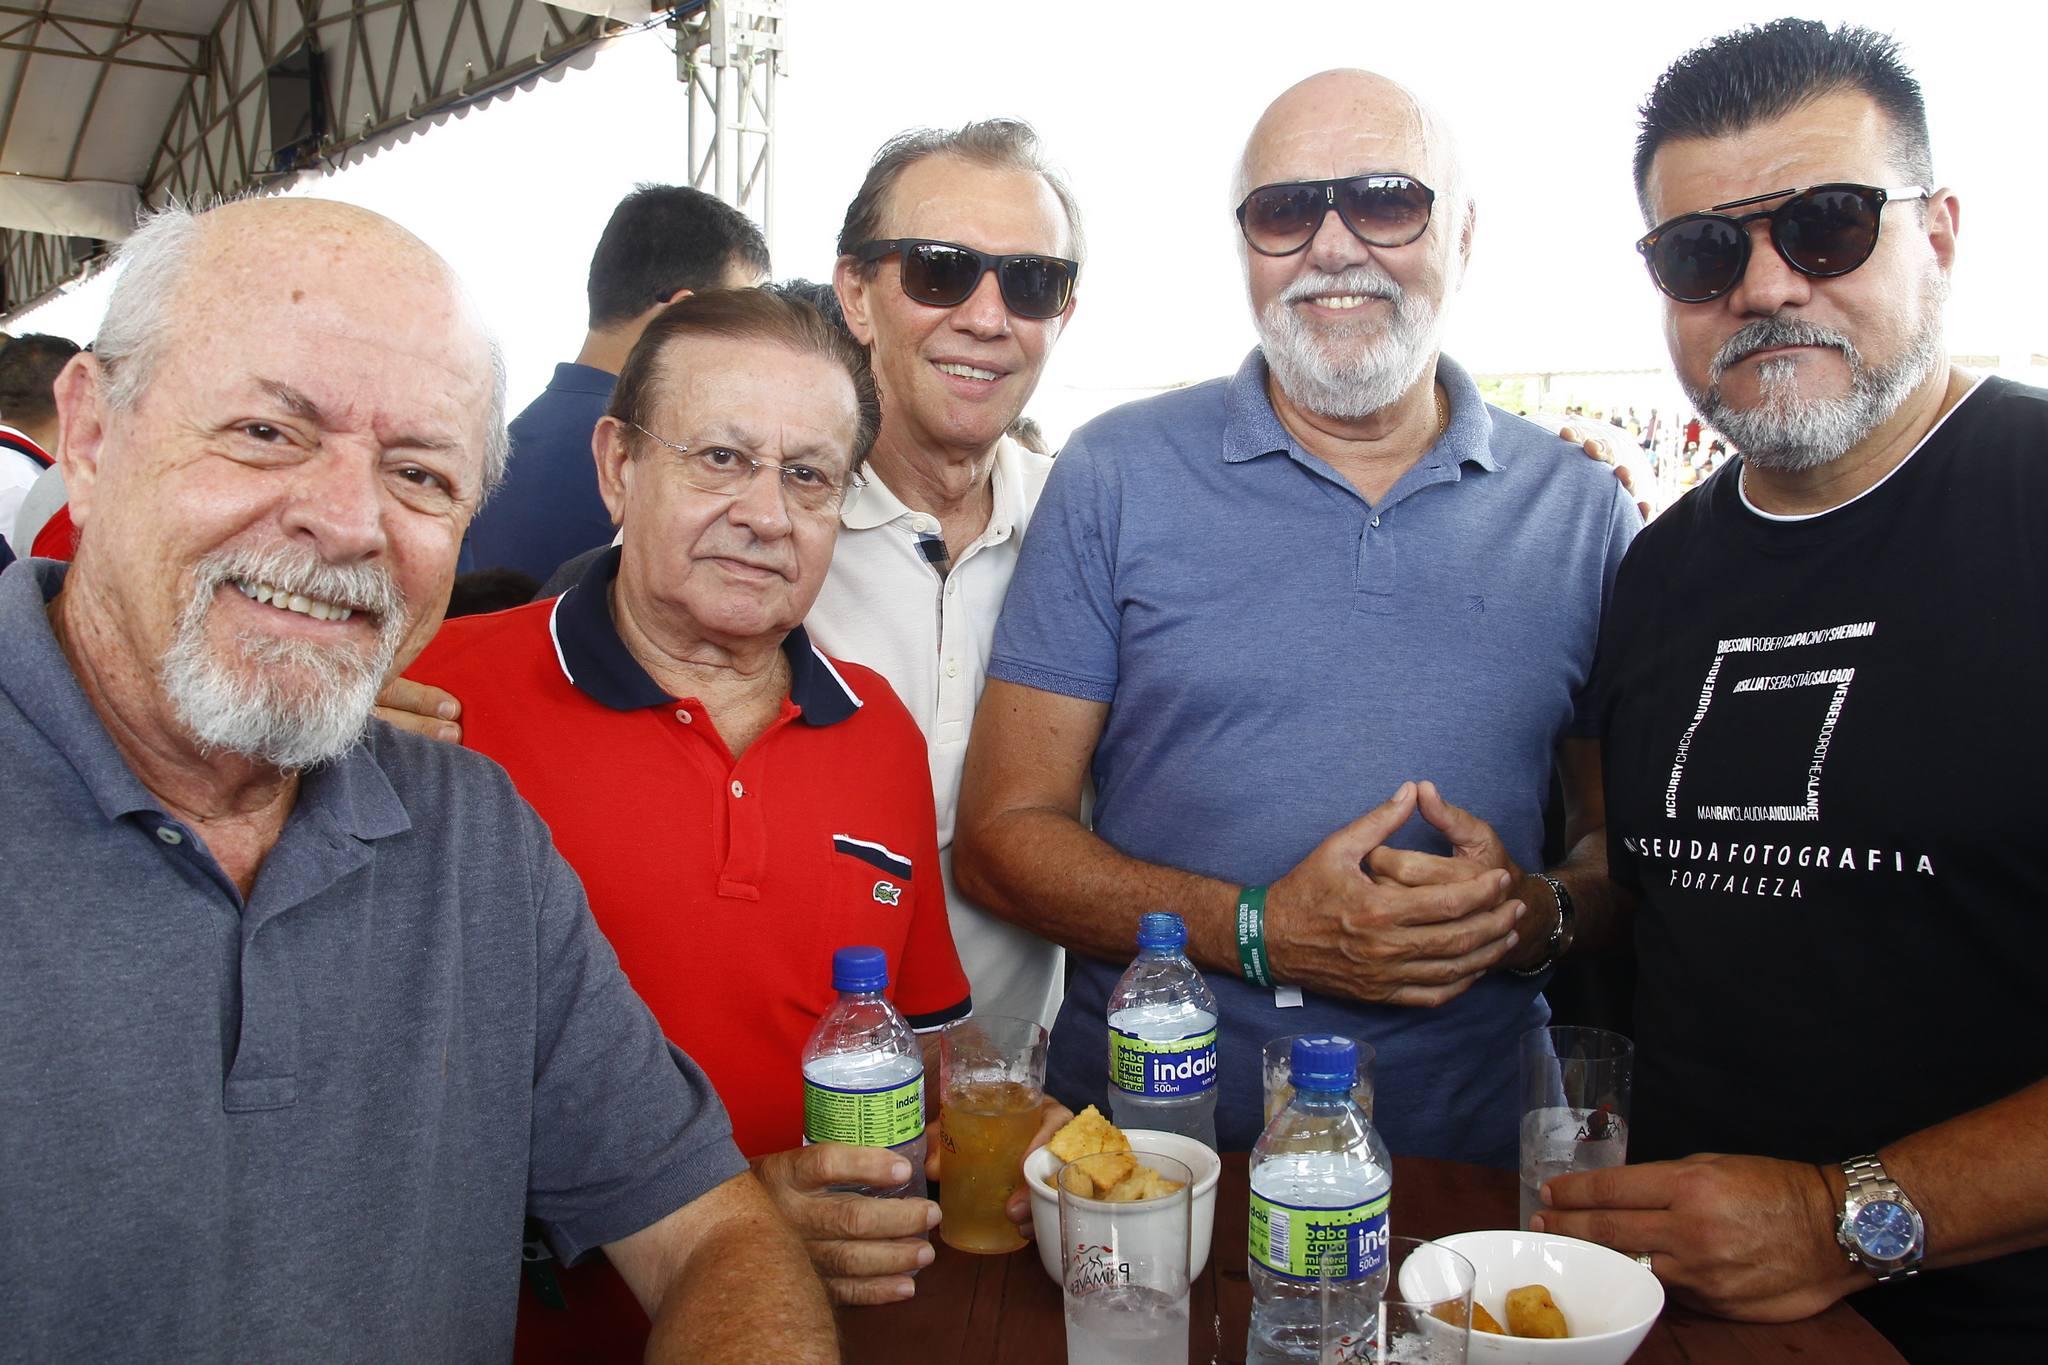 Marcelo E Alvaro Andrade, Ze Gerardo Pontes, Mauricio Leal E Odimar Feitosa